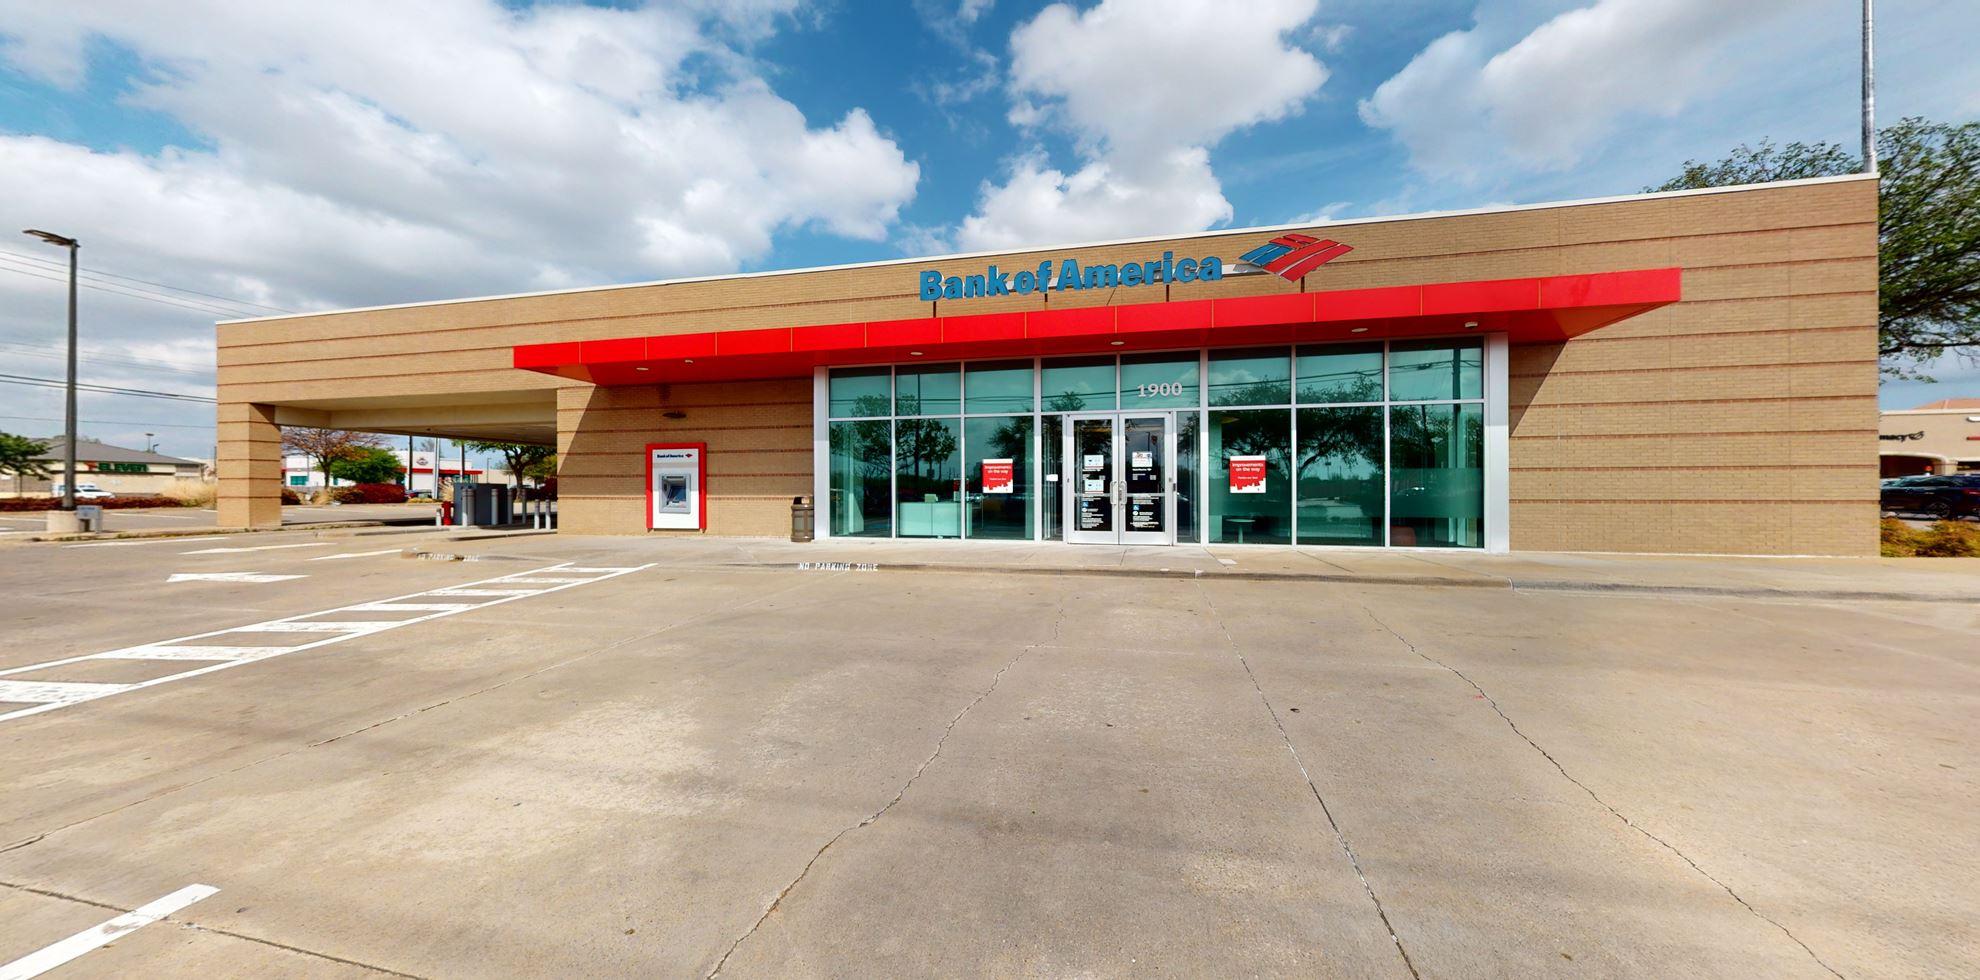 Bank of America financial center with drive-thru ATM | 1900 E Hebron Pkwy, Carrollton, TX 75007